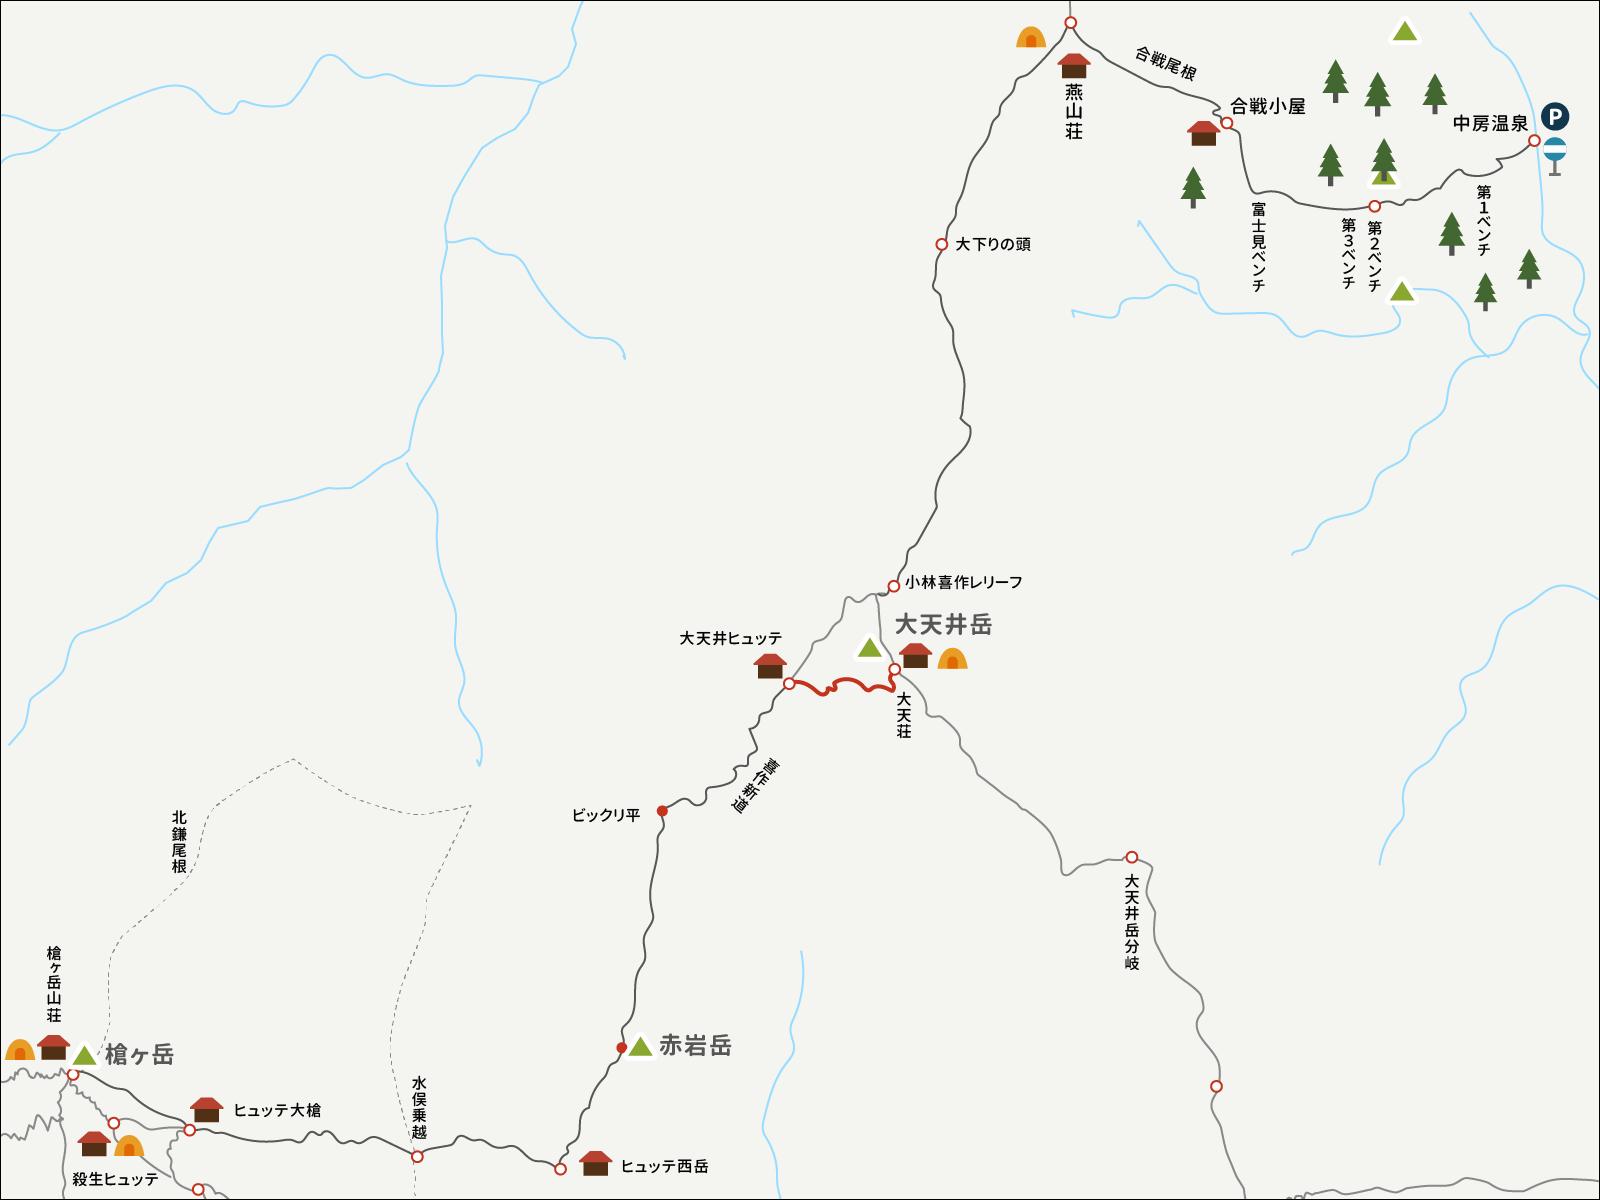 大天井ヒュッテから大天荘までのイラストマップ